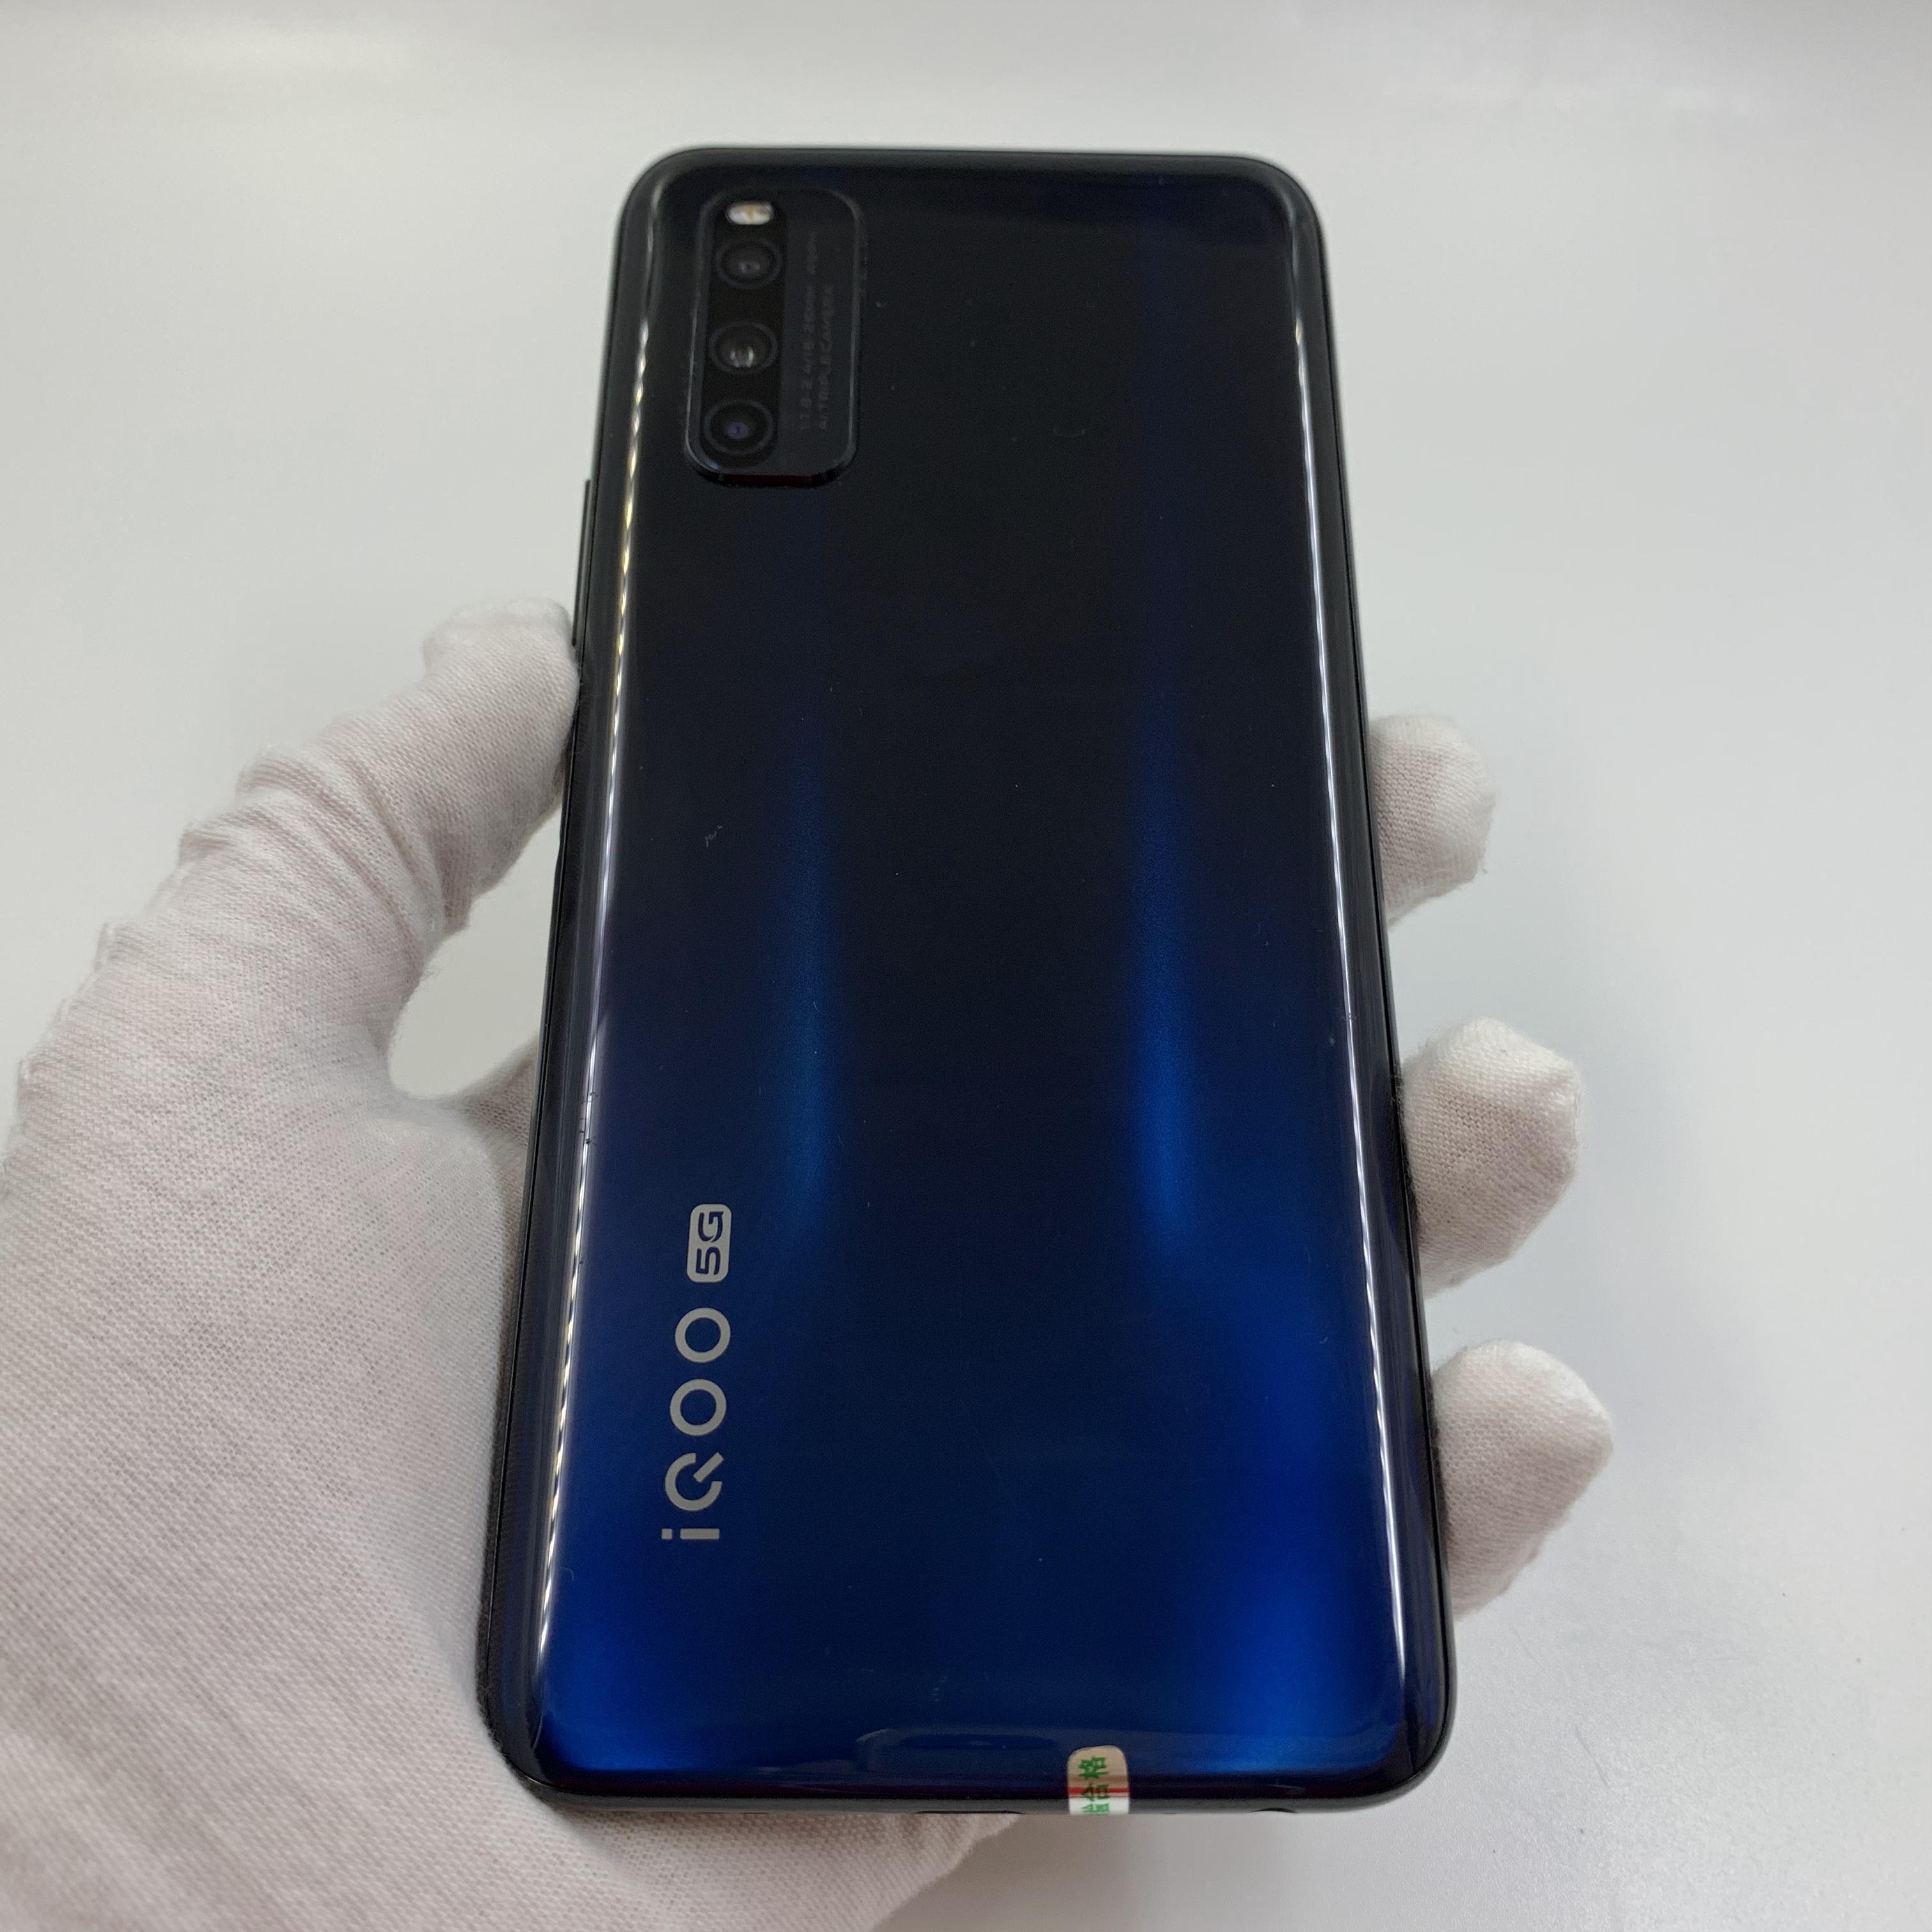 vivo【iQOO Z1 5G】5G全网通 太空蓝 8G/128G 国行 8成新 真机实拍